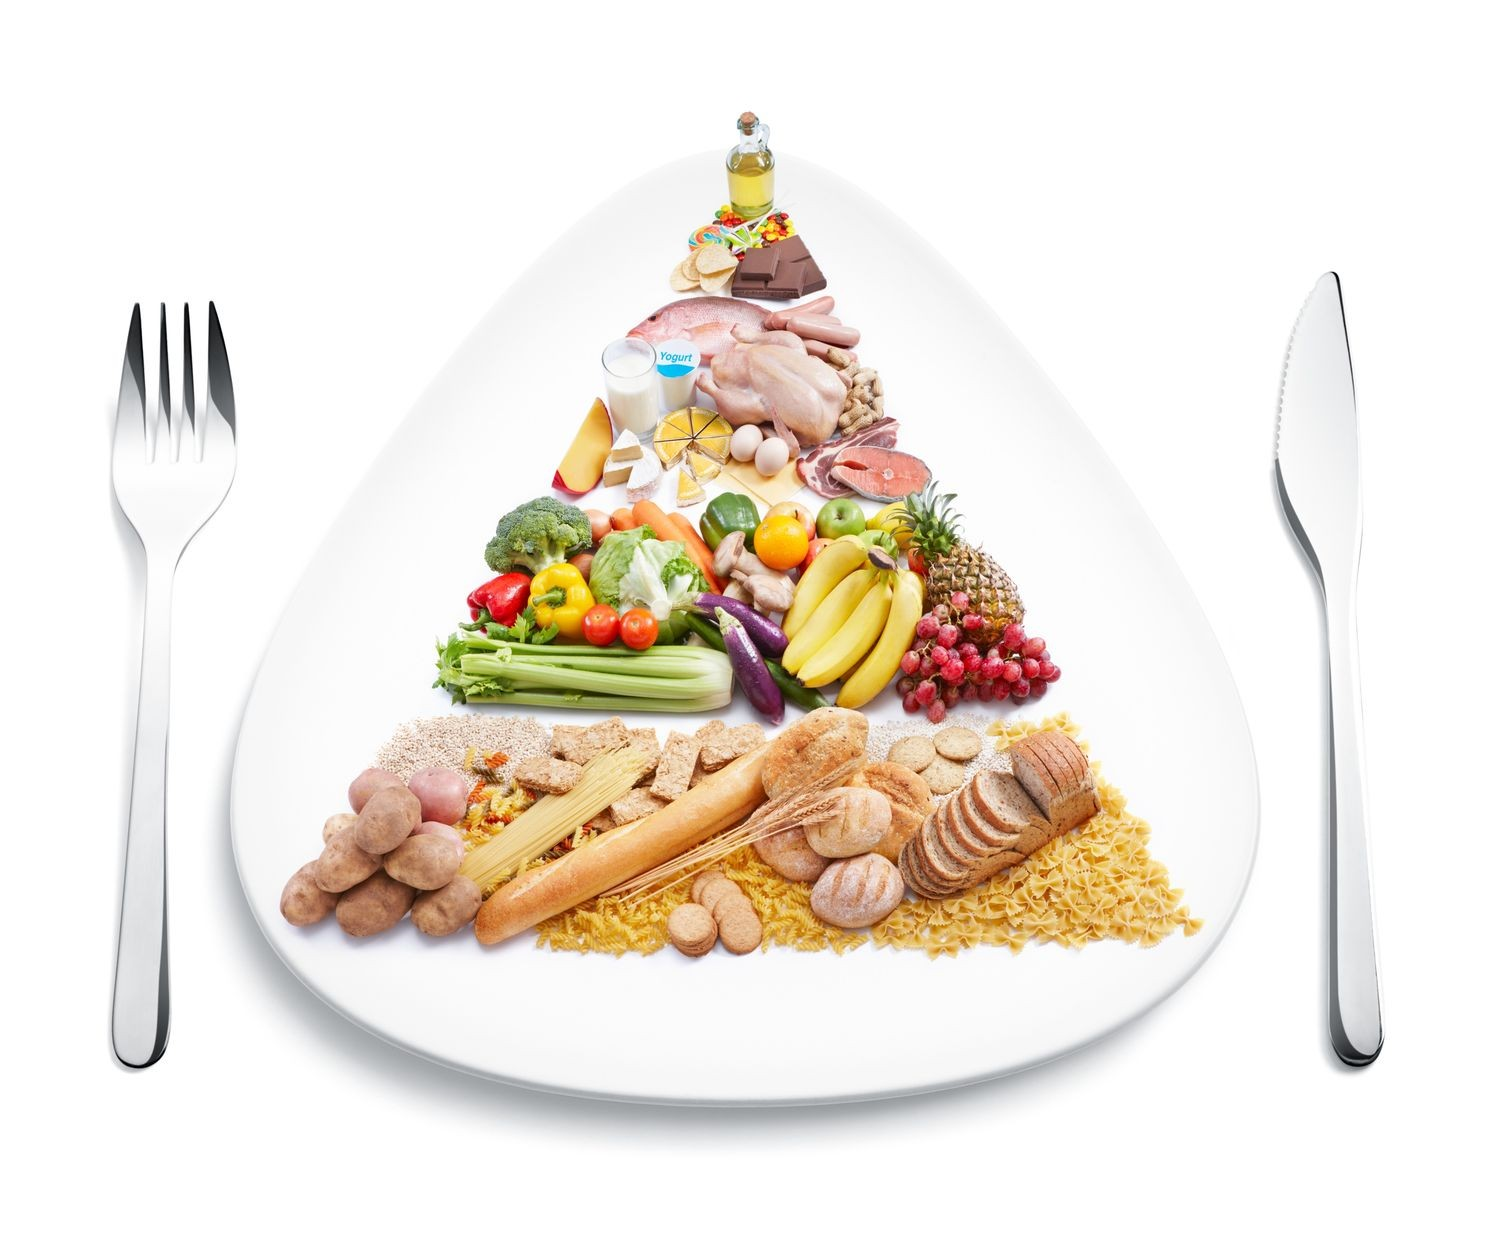 savoir maigrir le pense b te culinaire pour ne pas oublier de manger quilibr 1 3. Black Bedroom Furniture Sets. Home Design Ideas